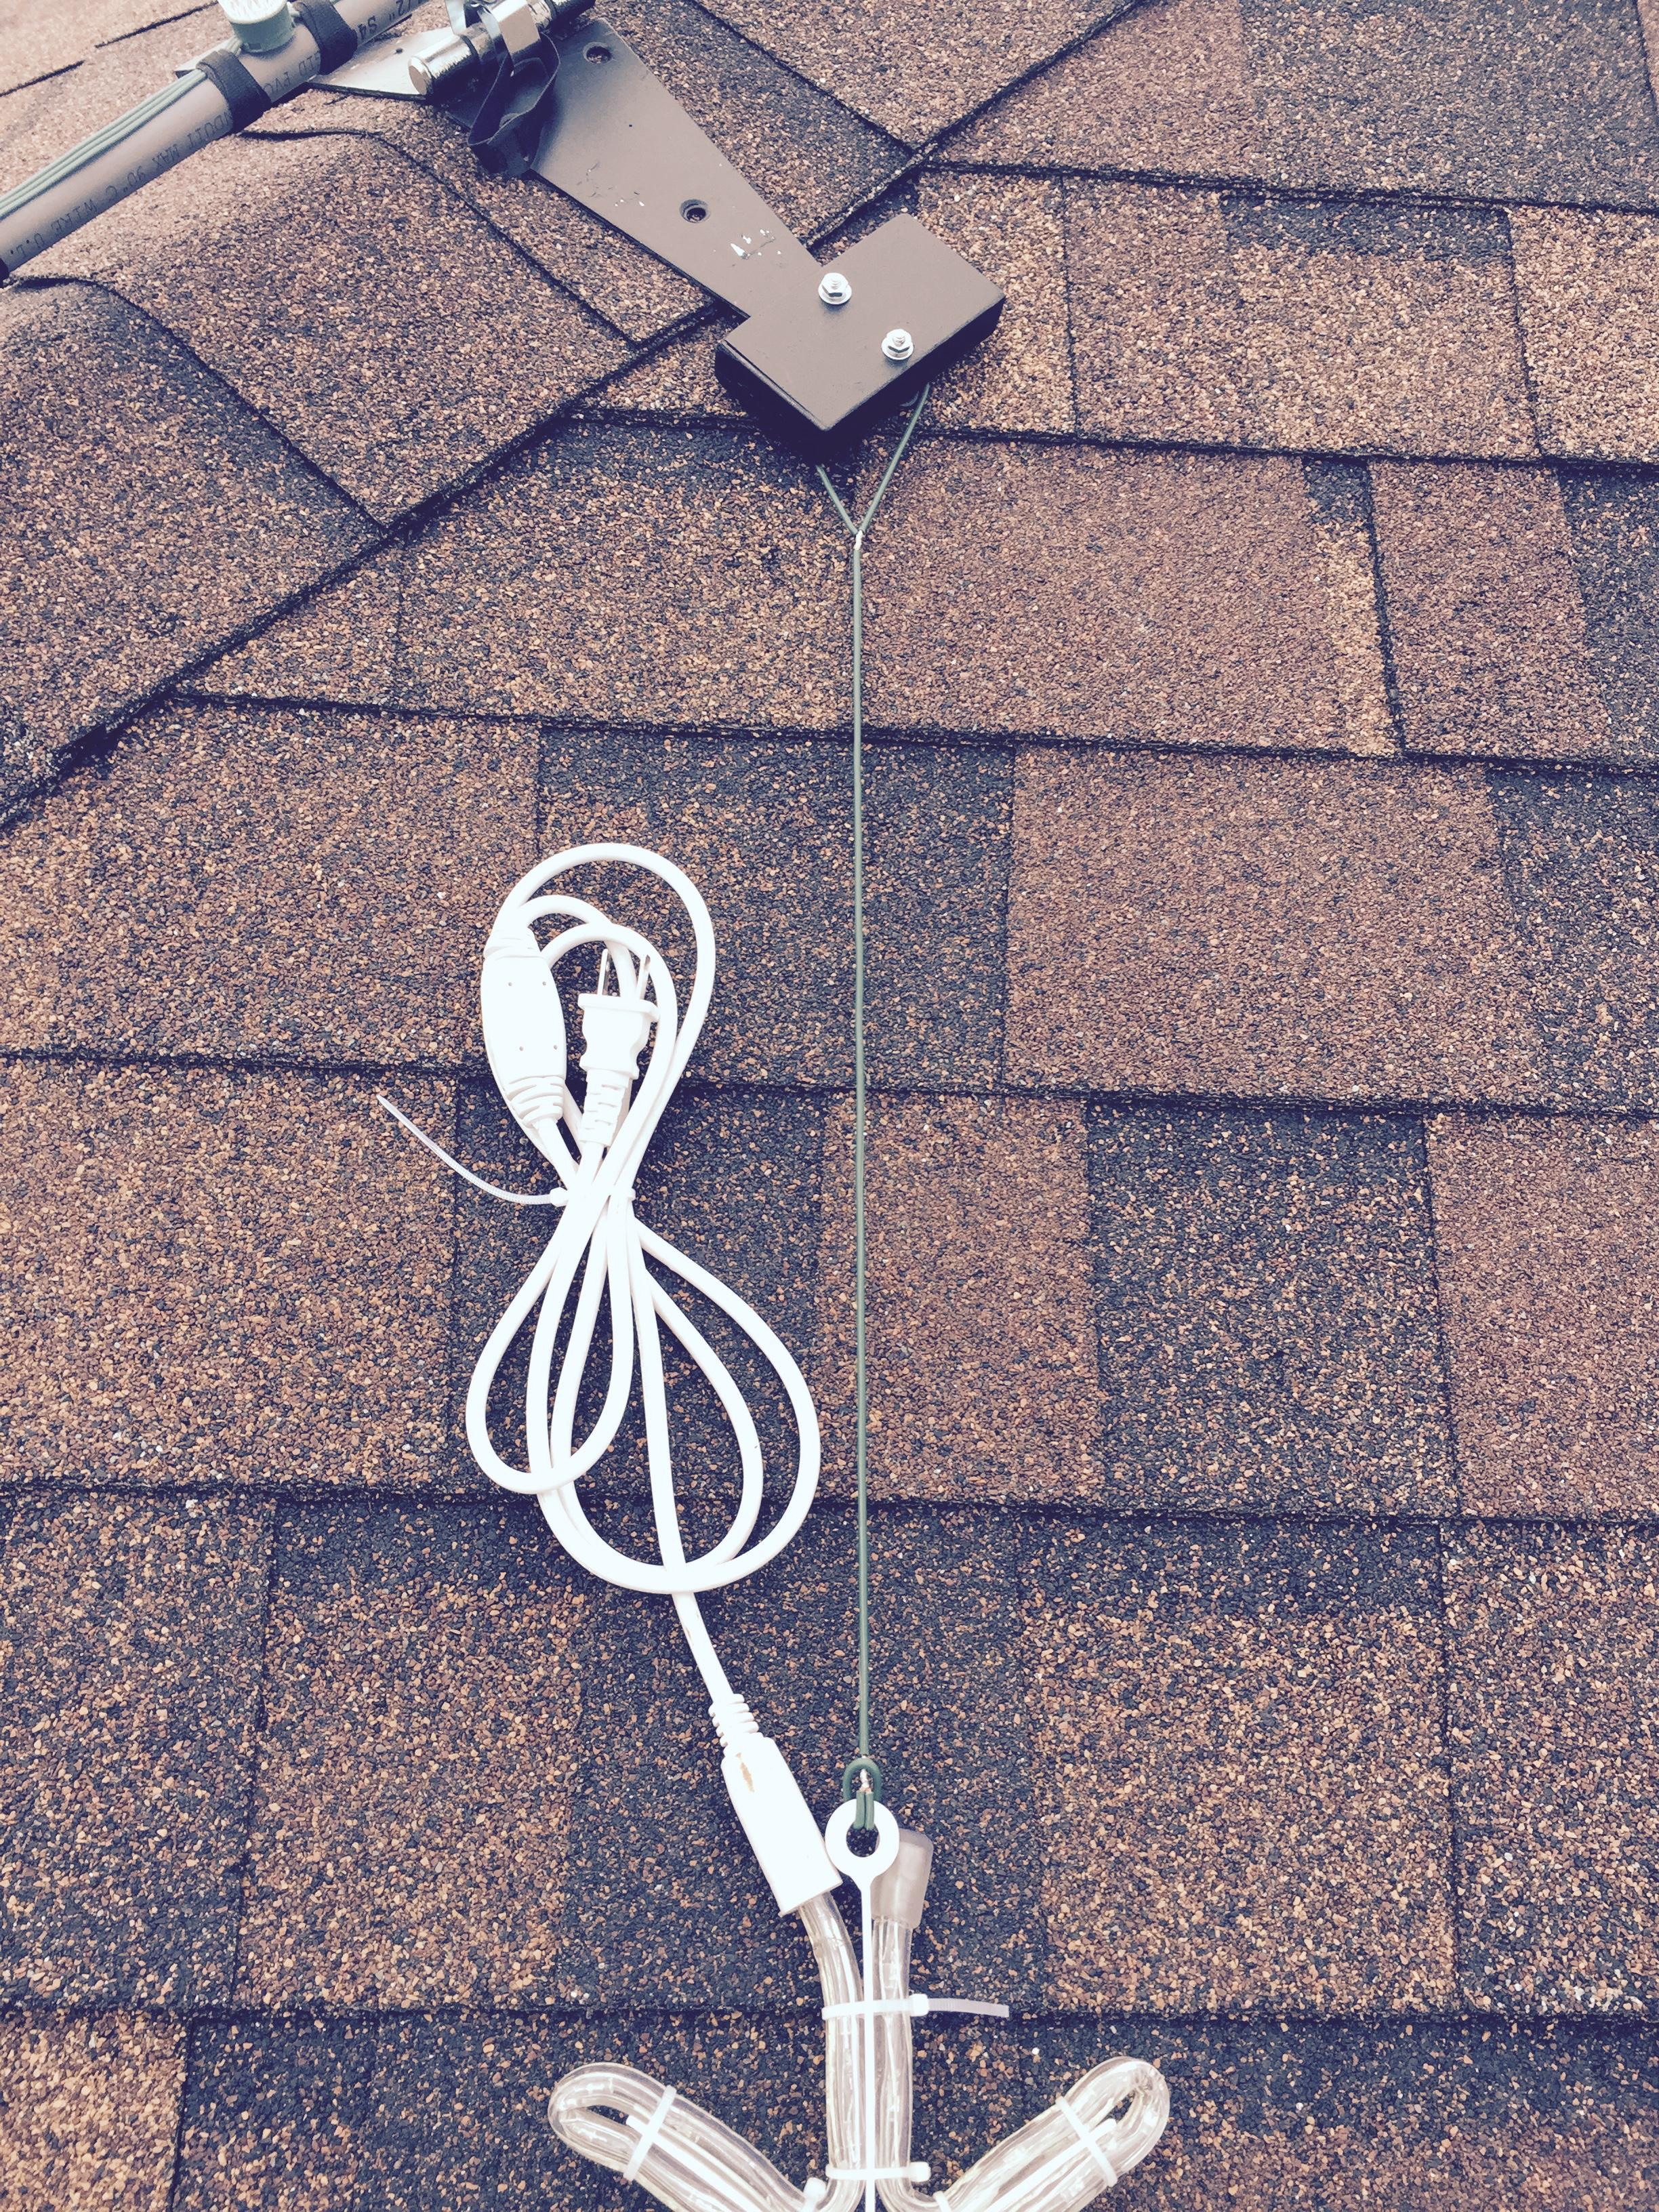 110 Hanger Attach